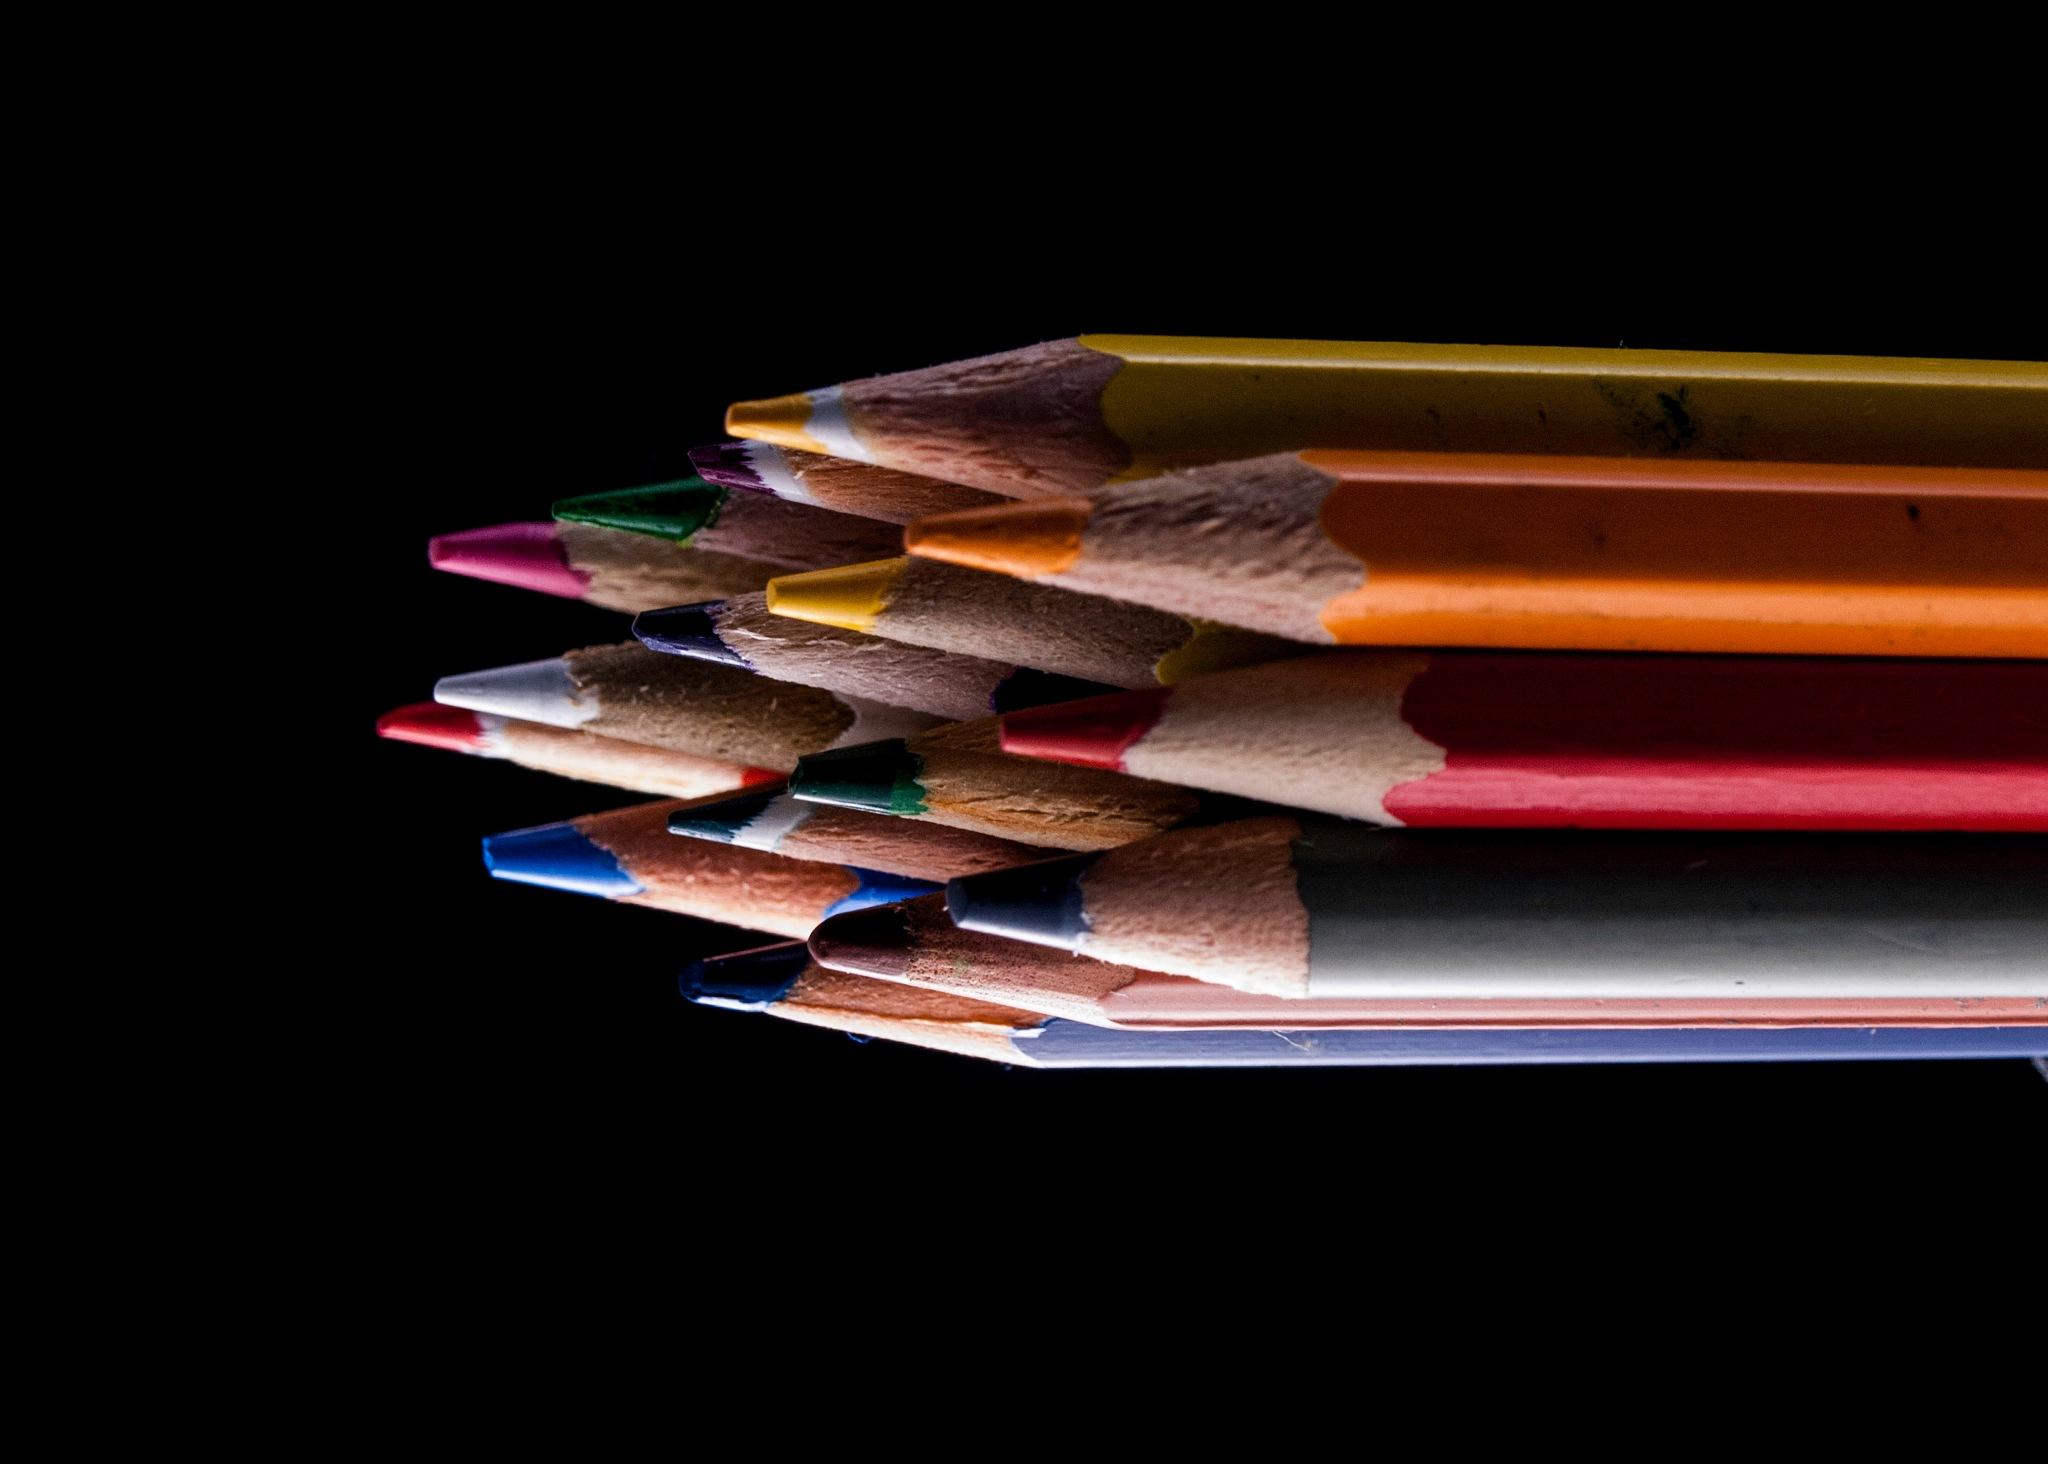 Life is color...la vida es color by Rodolfo Jose Acosta